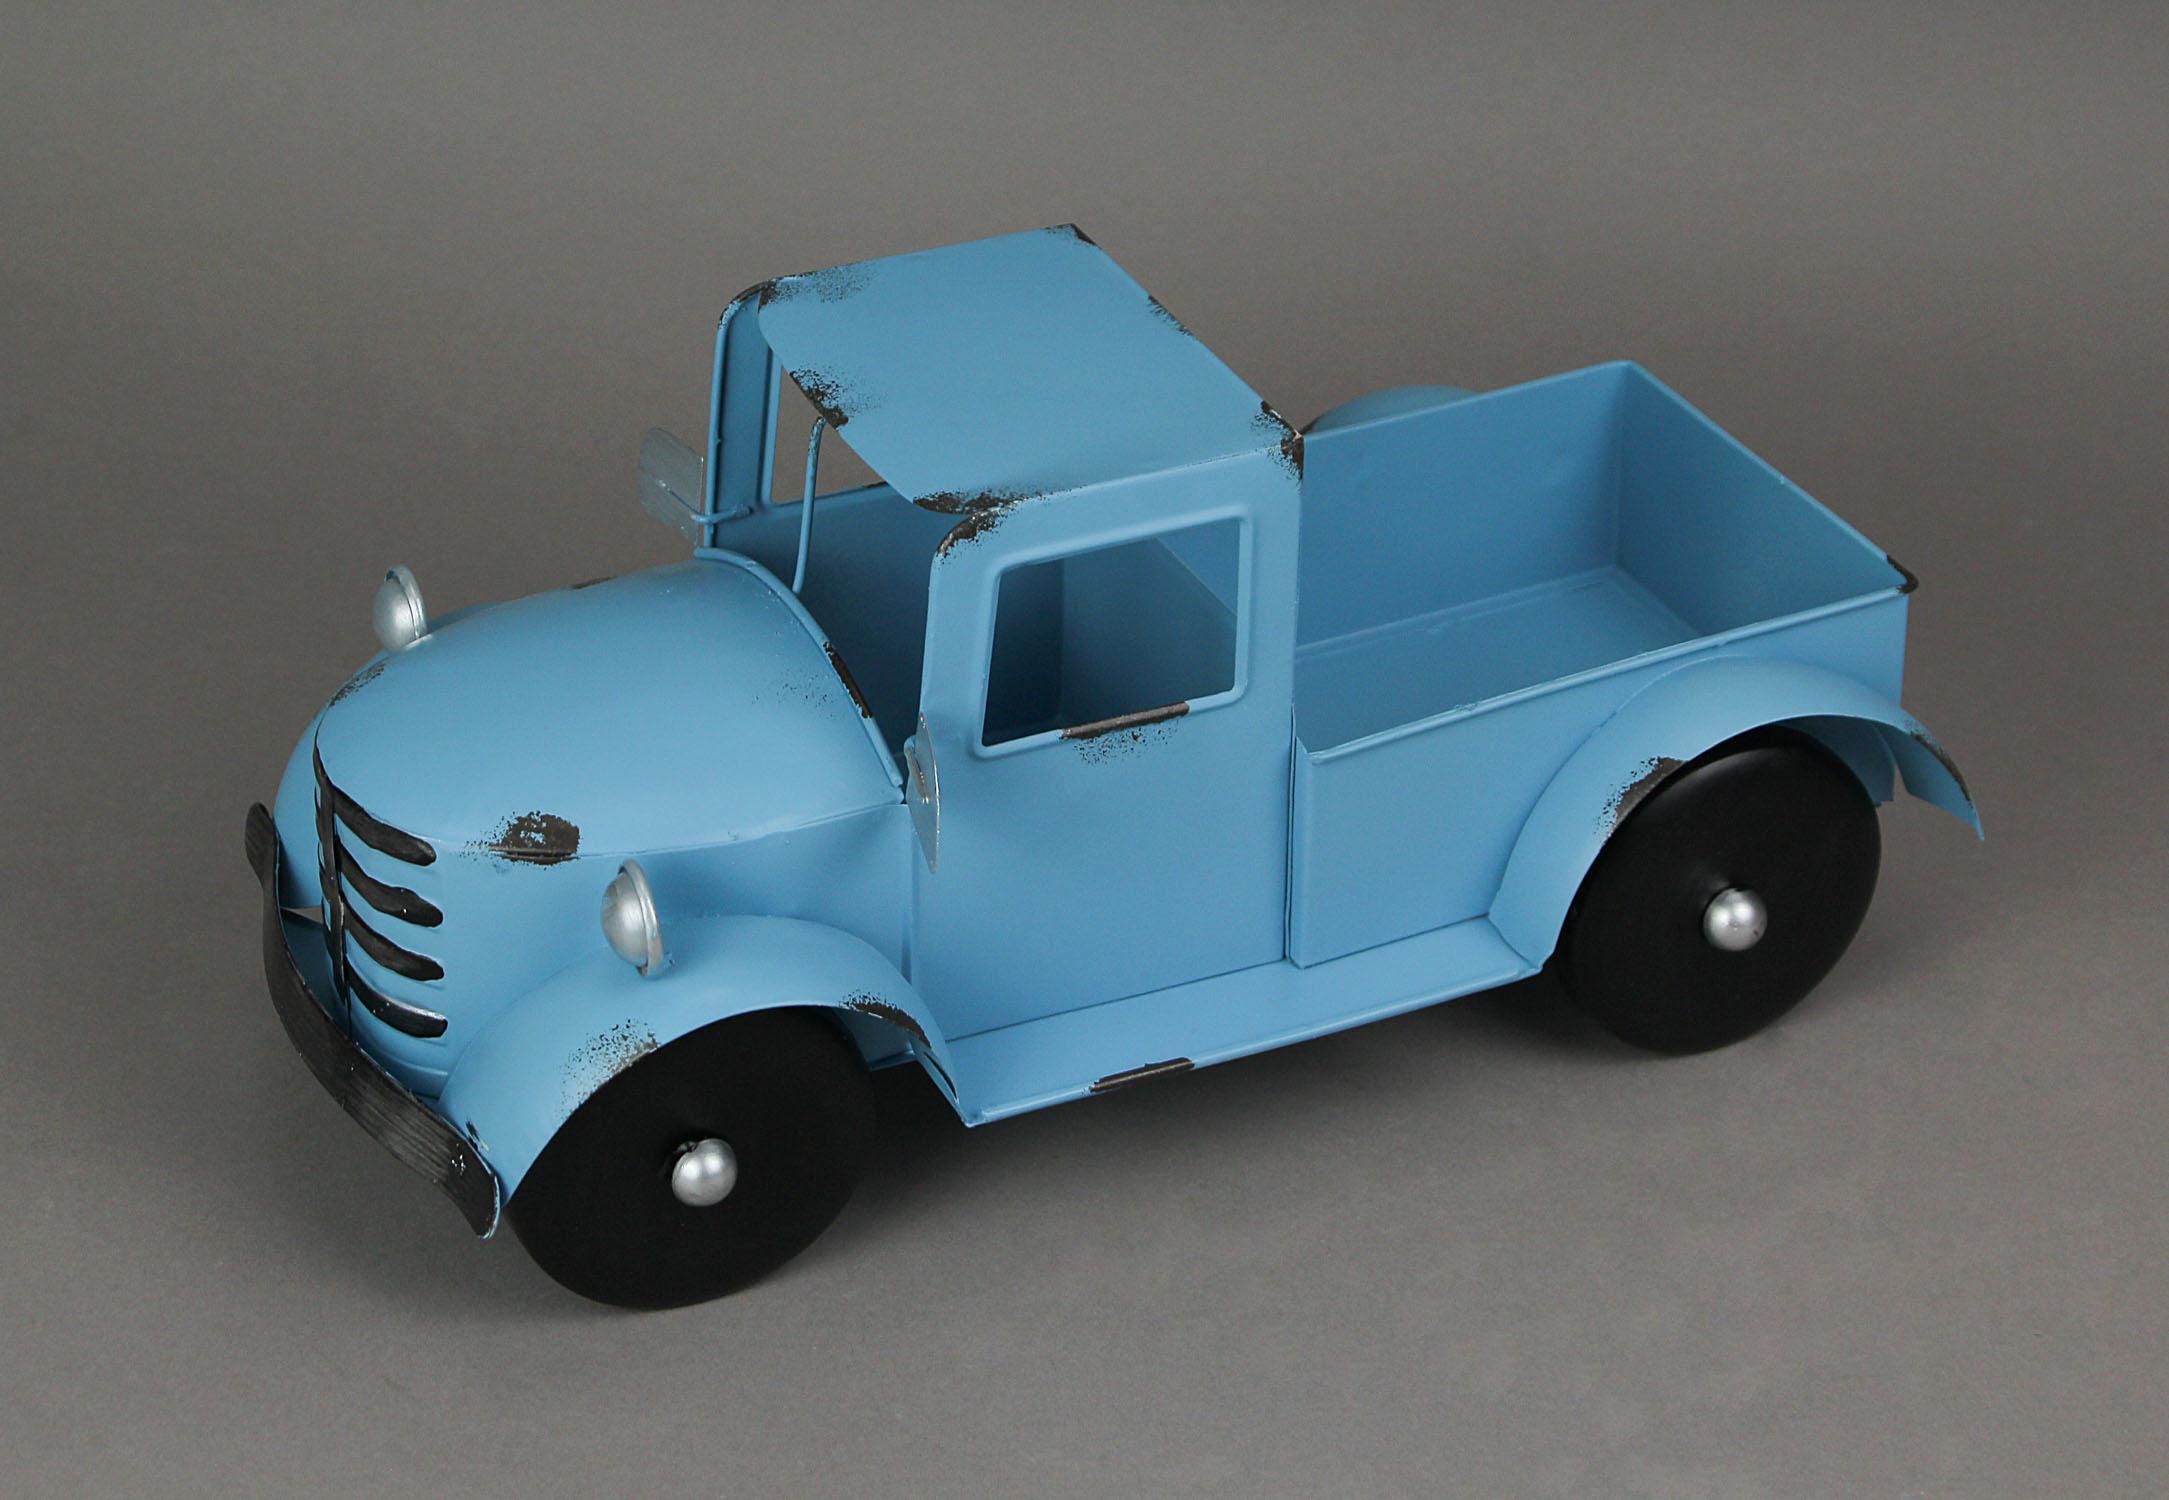 thumbnail 4 - Zeckos Rustic Metal Antique Truck Indoor or Outdoor Planter